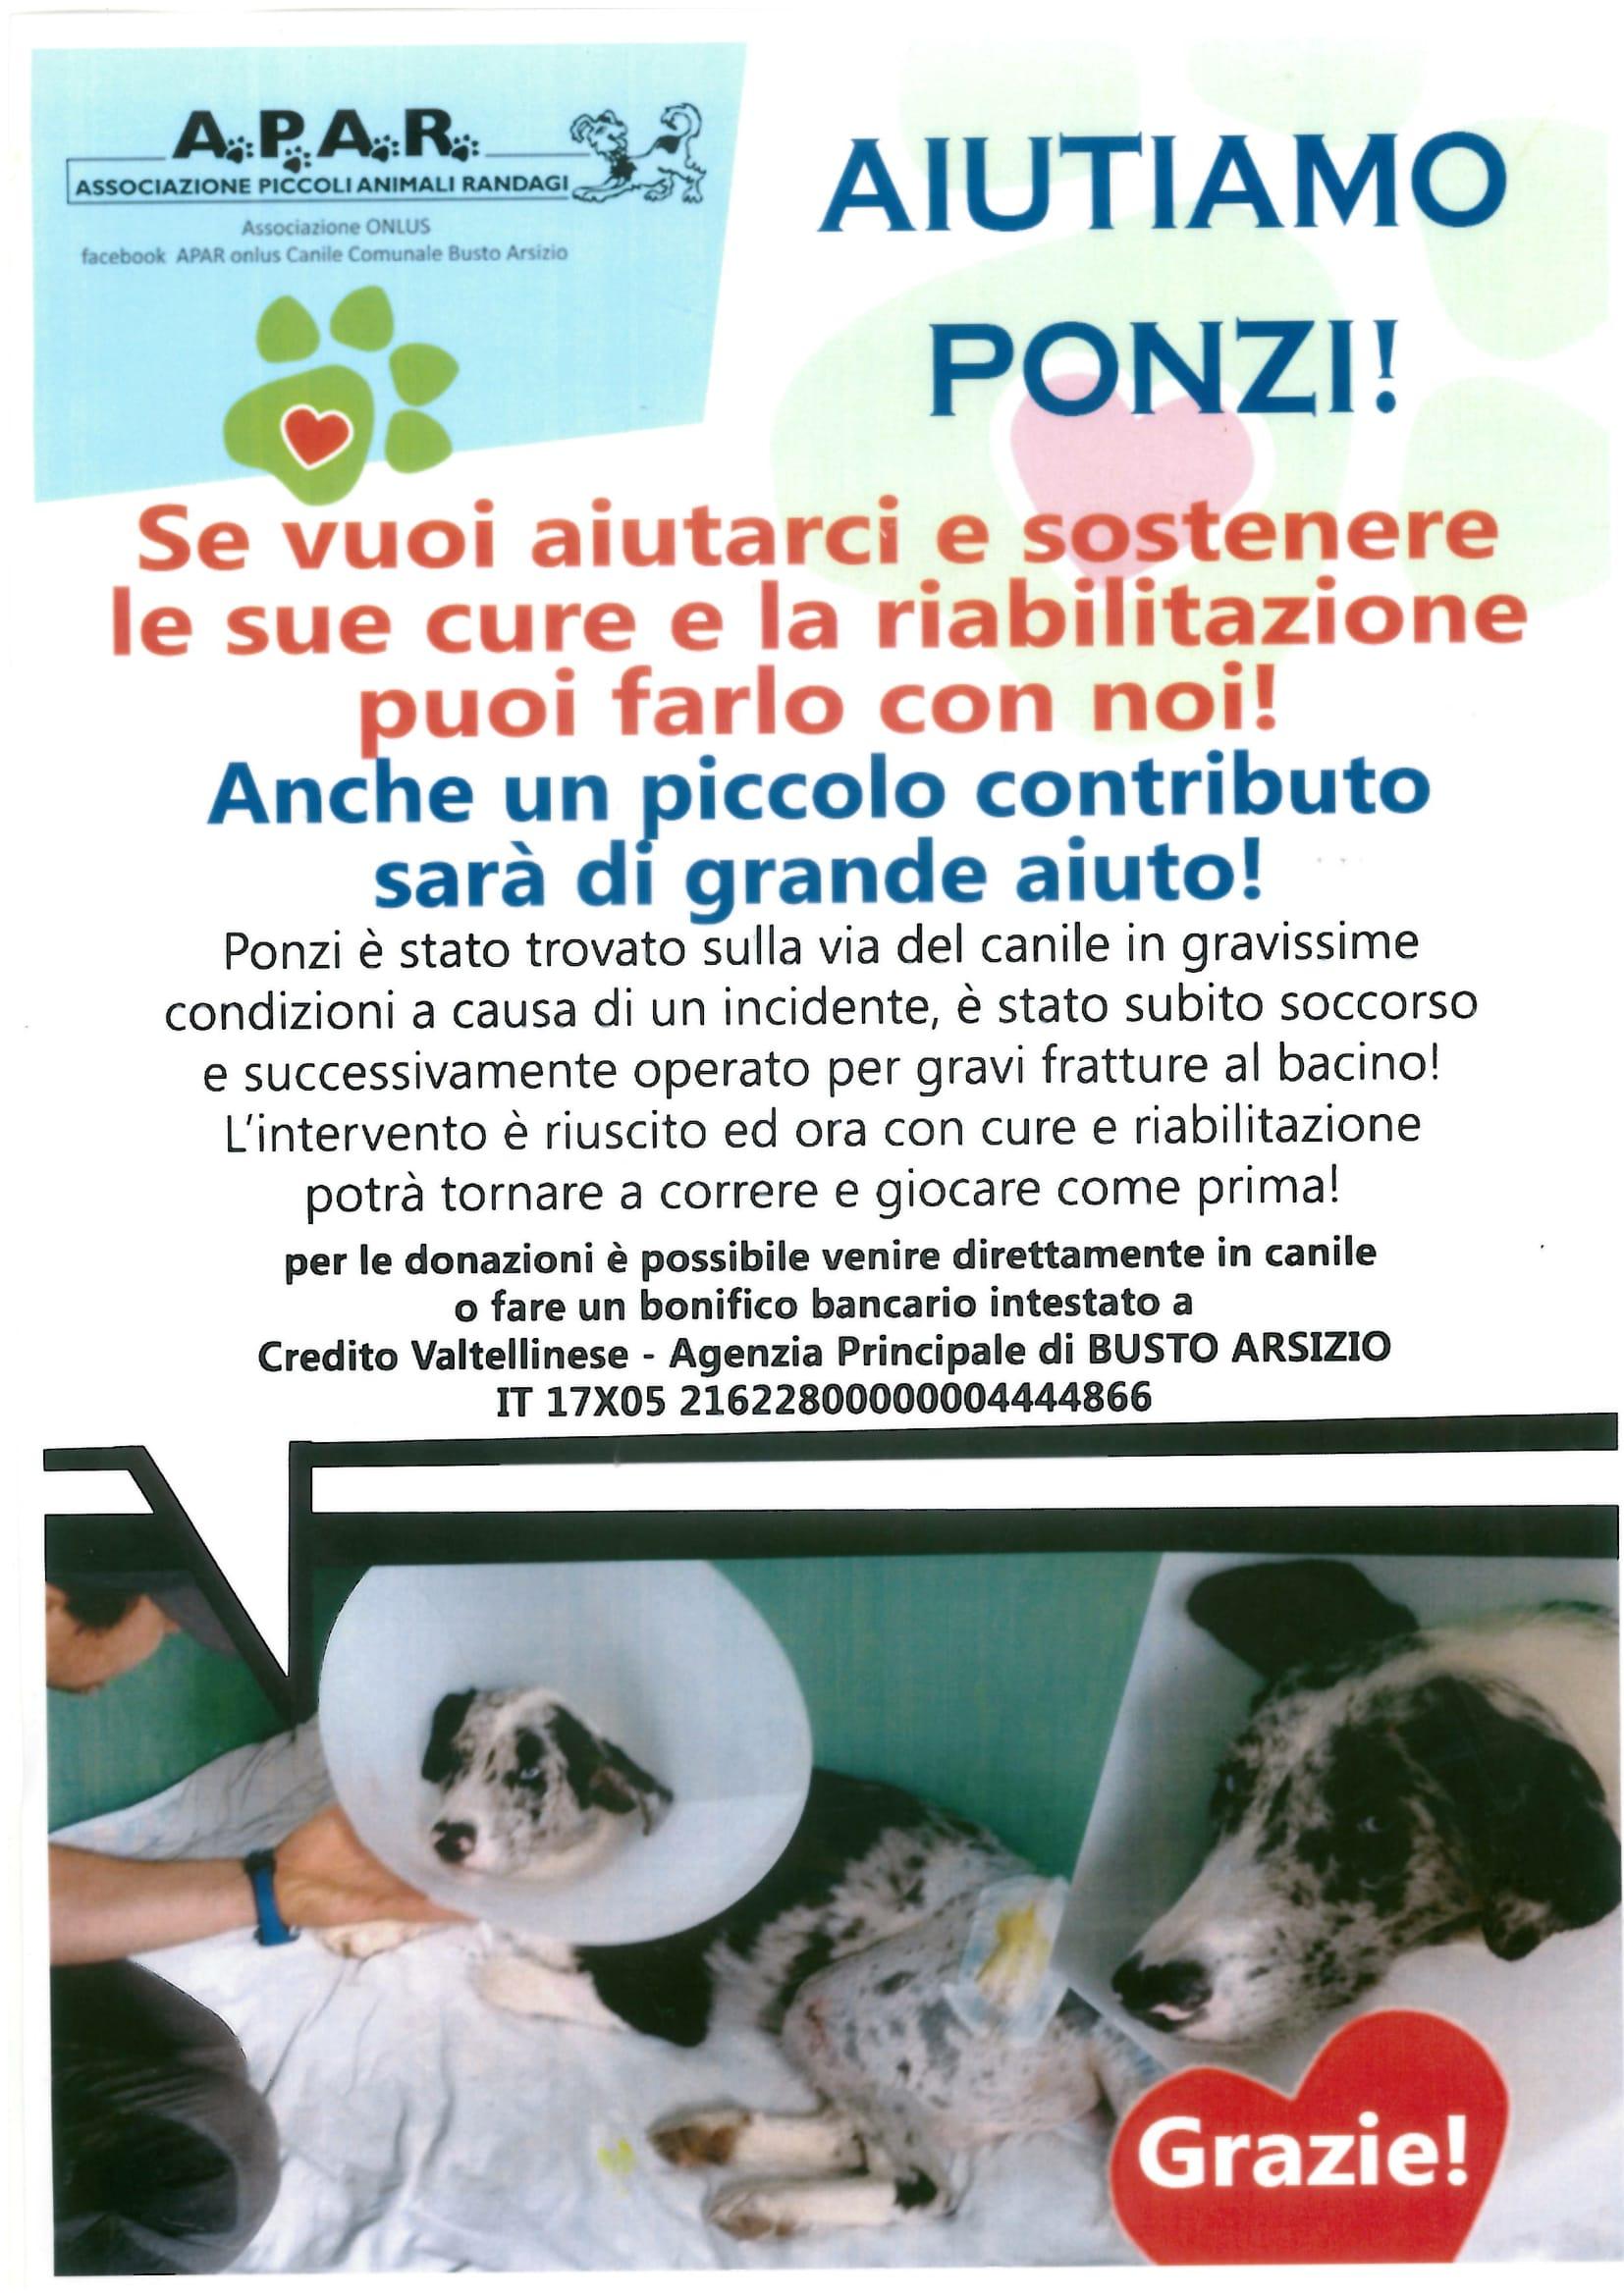 Aiutiamo Ponzi